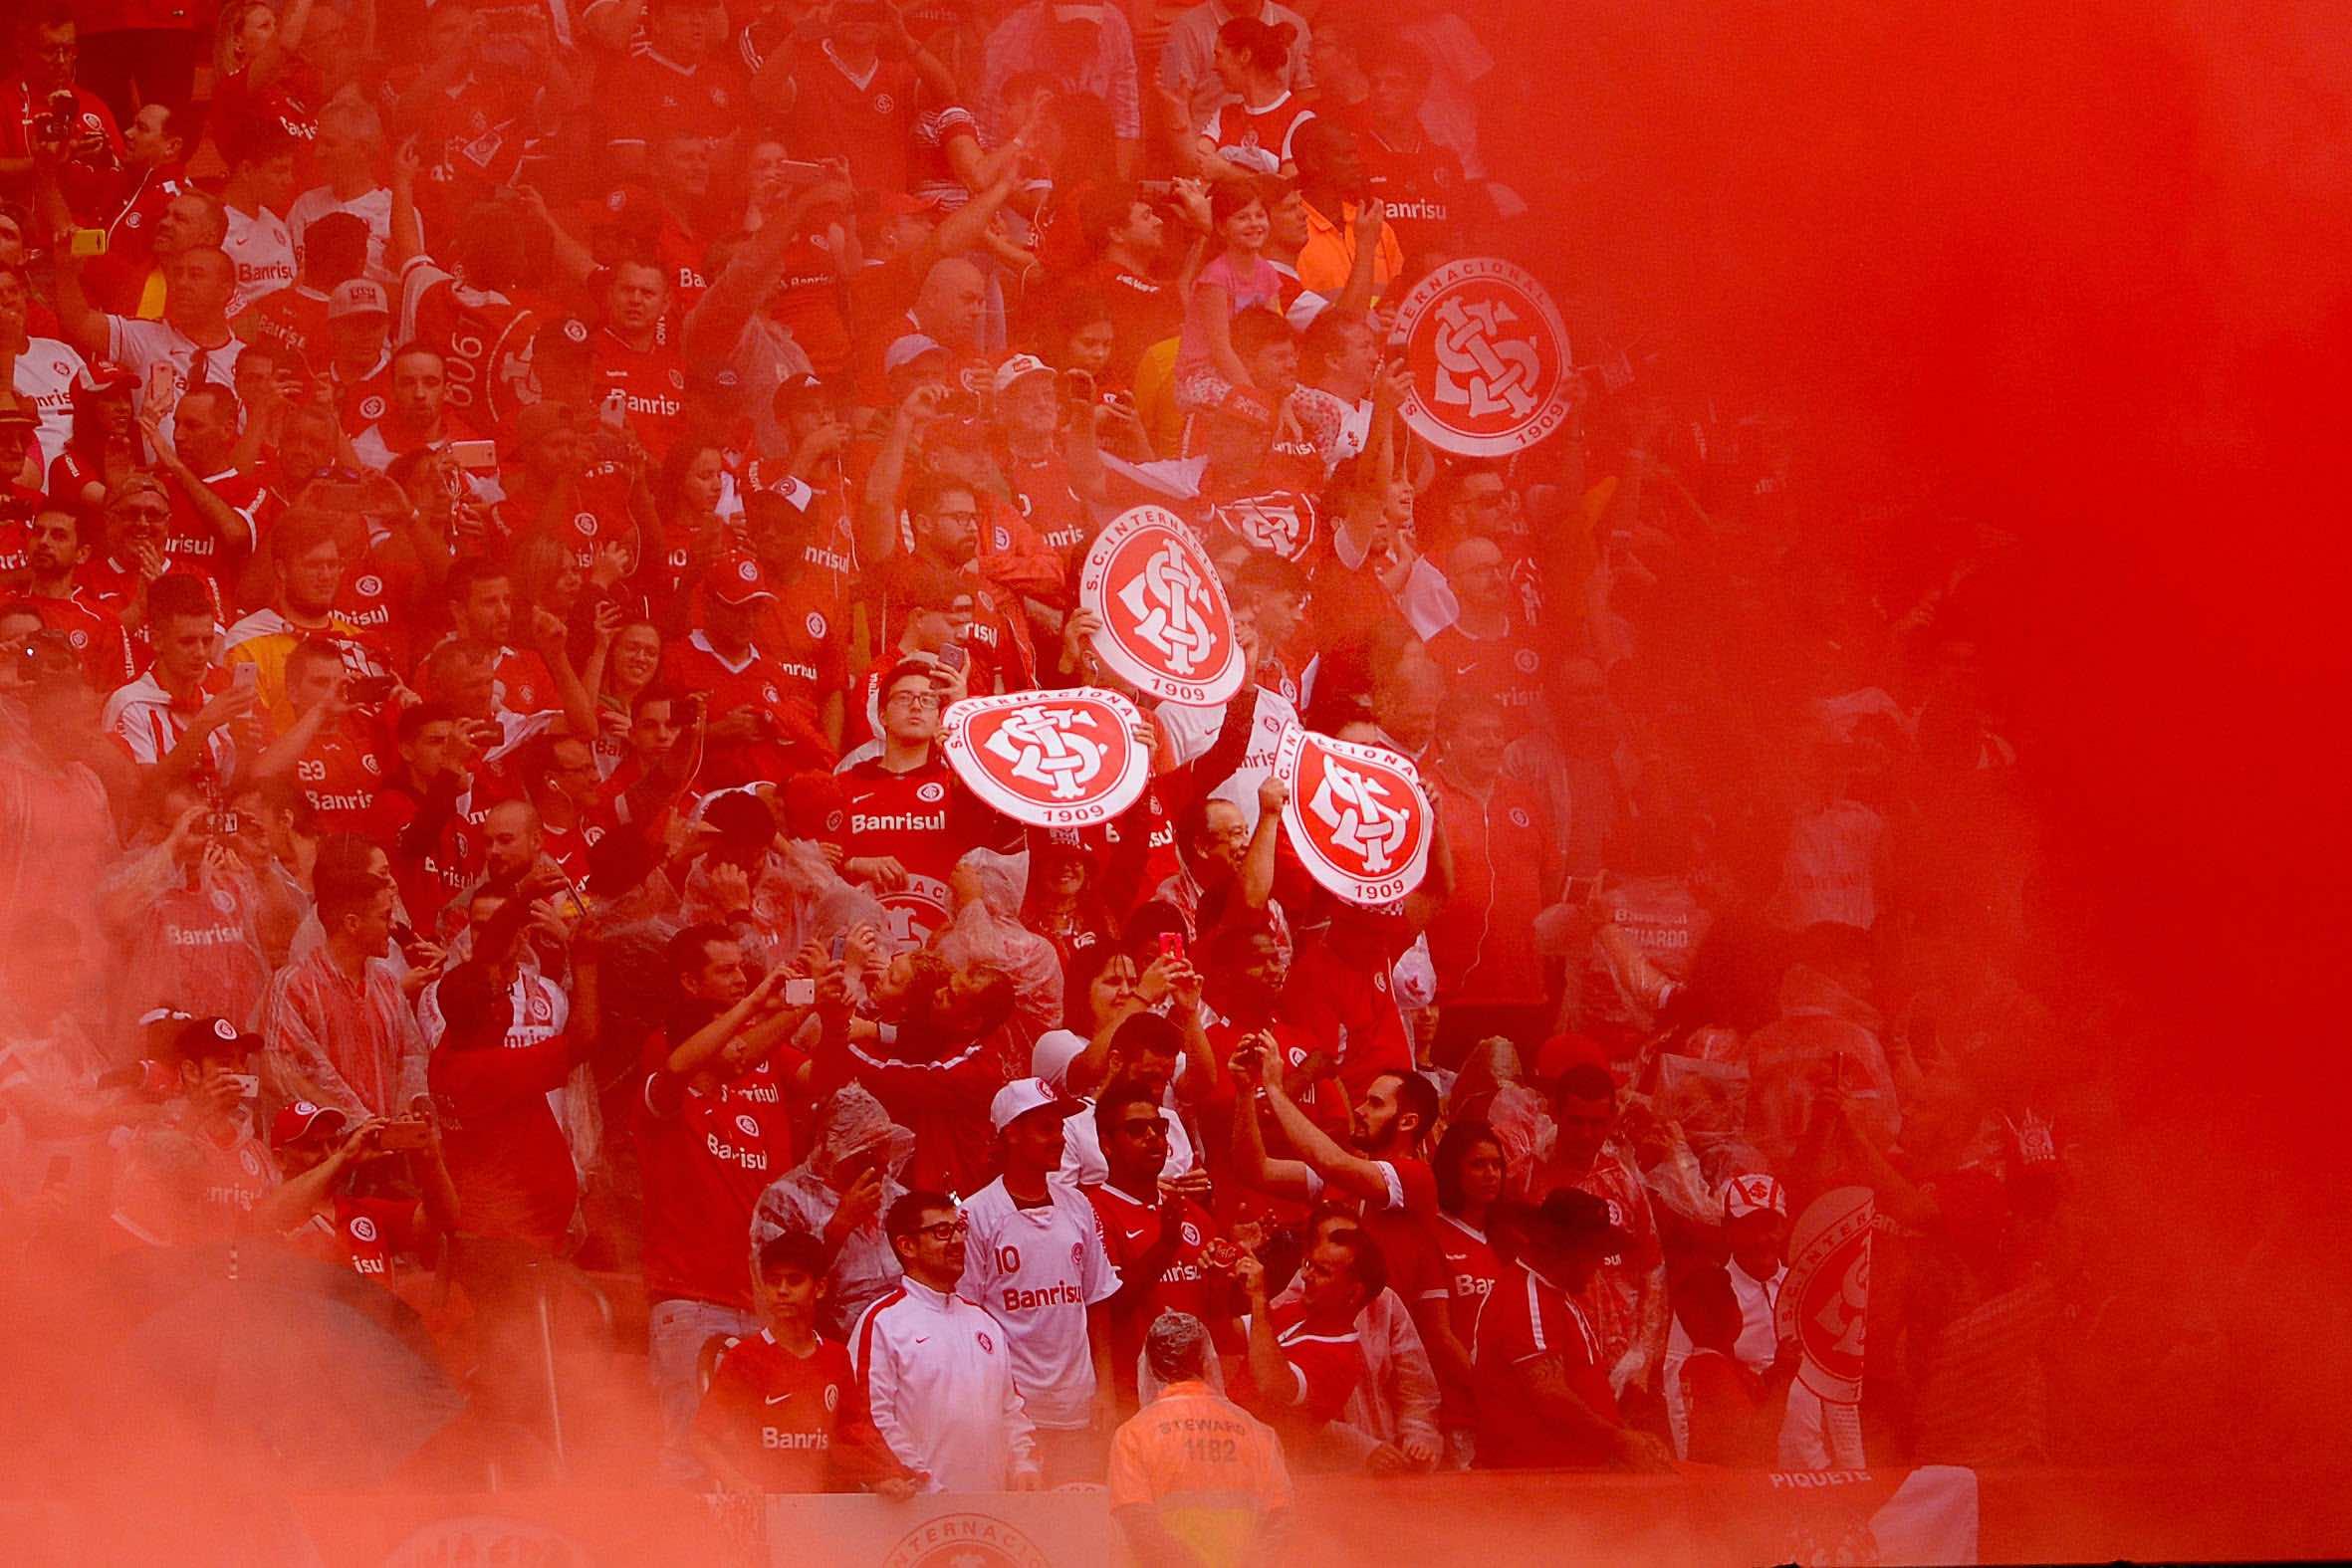 Foto da torcida do SC Internacional